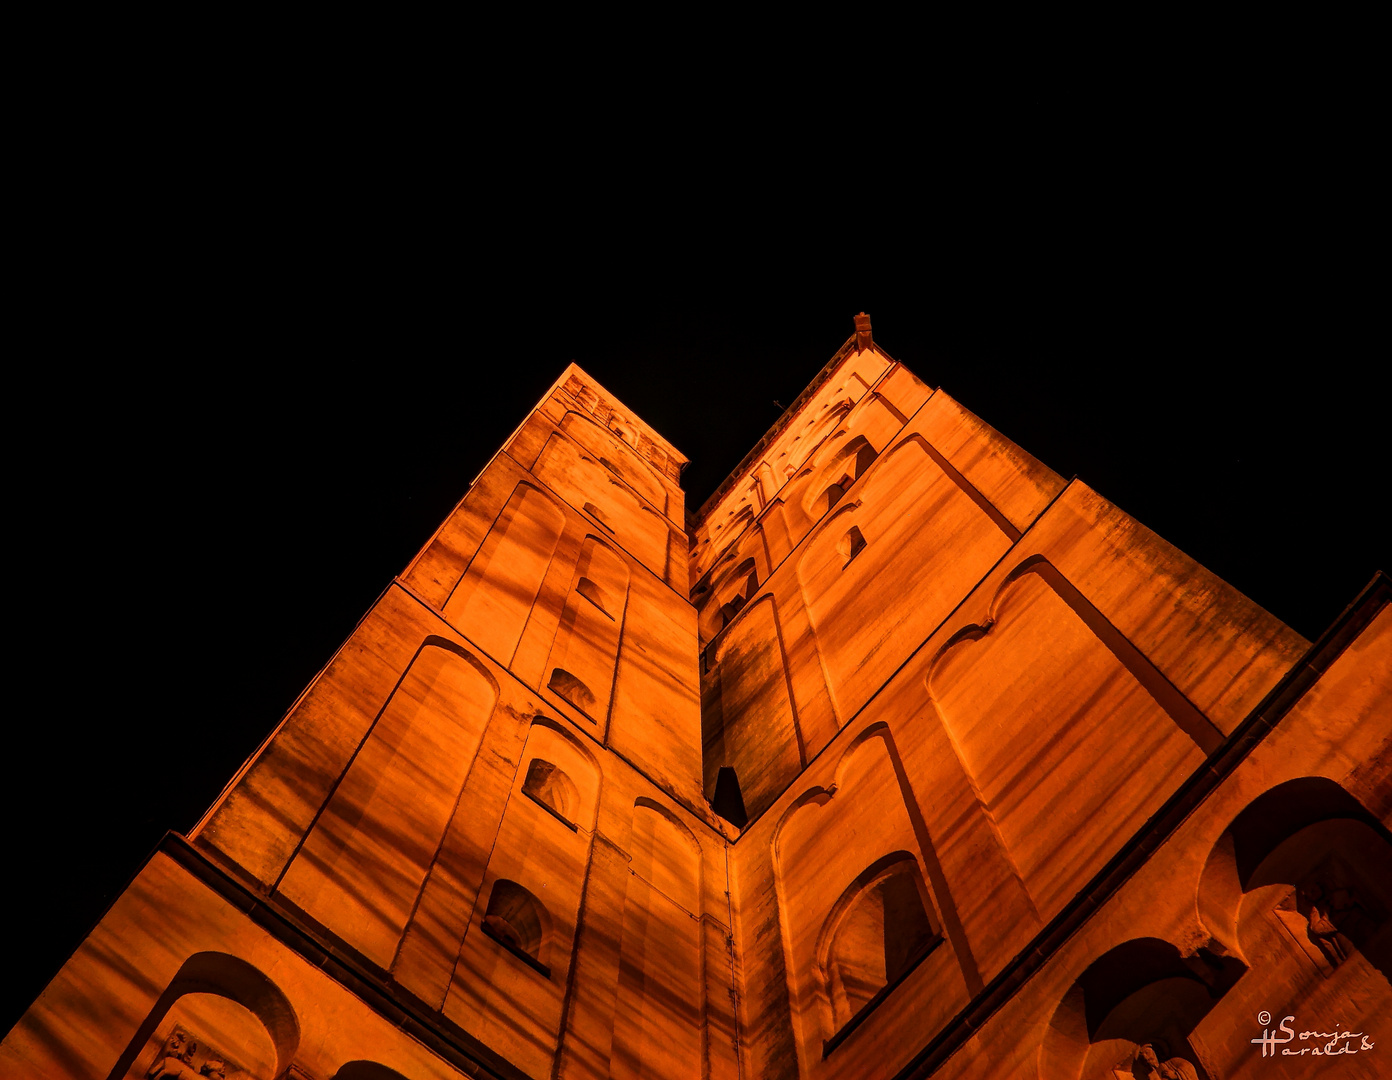 Abteikirche St. Nikolaus in Brauweiler (1)